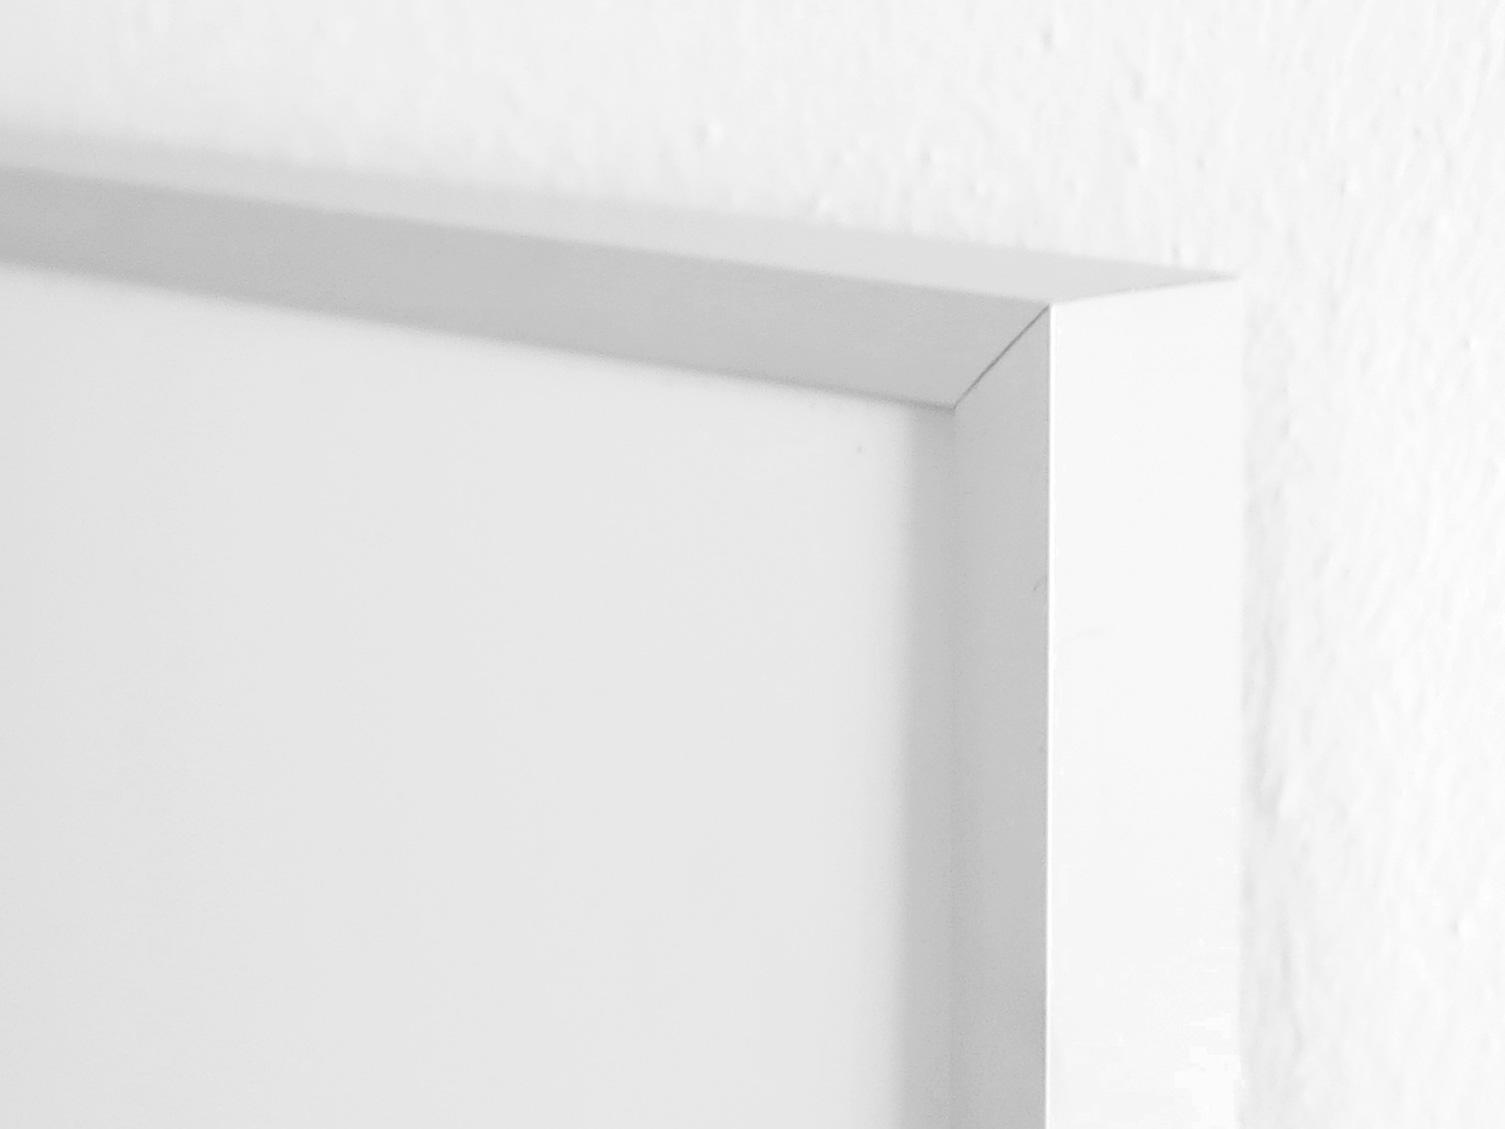 Riscaldamento A Soffitto Prezzo pannello radiante infrarossi 400watt raffaello® 60x60 standard